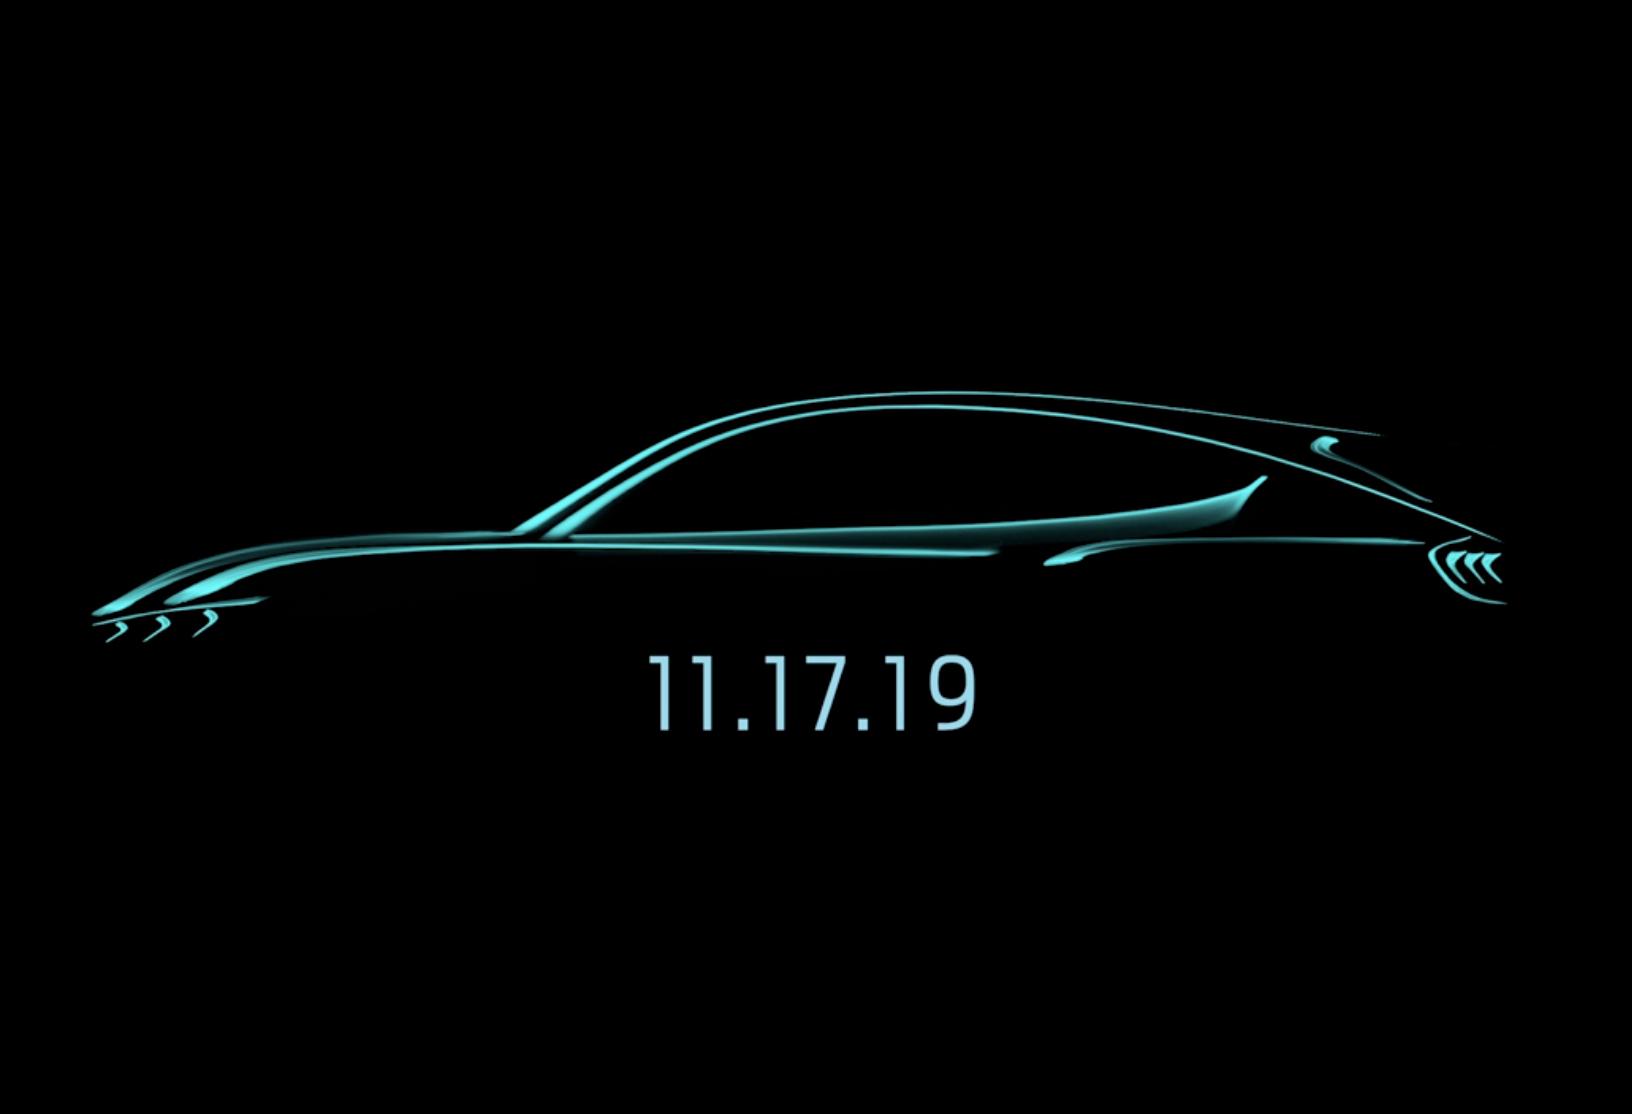 Ford lancera prochainement un véhicule électrique inspiré de la Mustang